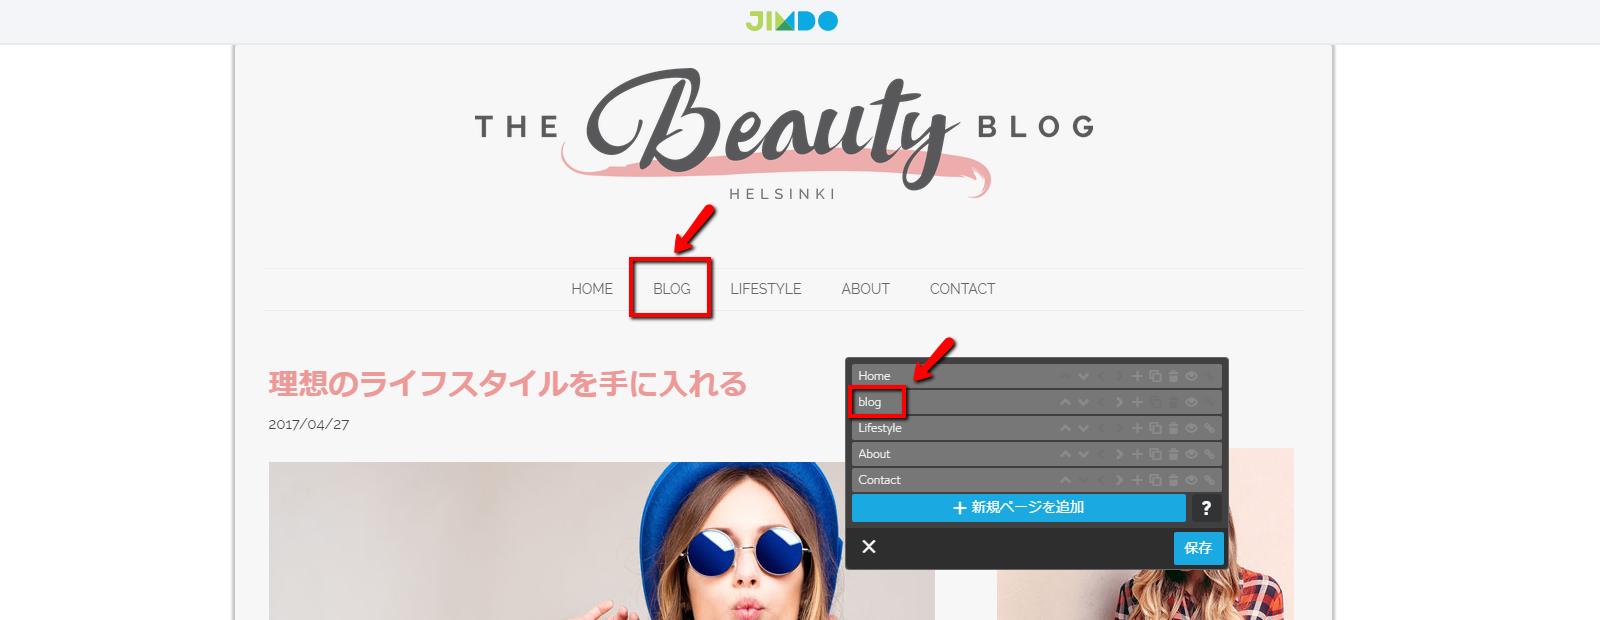 3. 自動的にナビゲーションに「ブログ」が追加されます